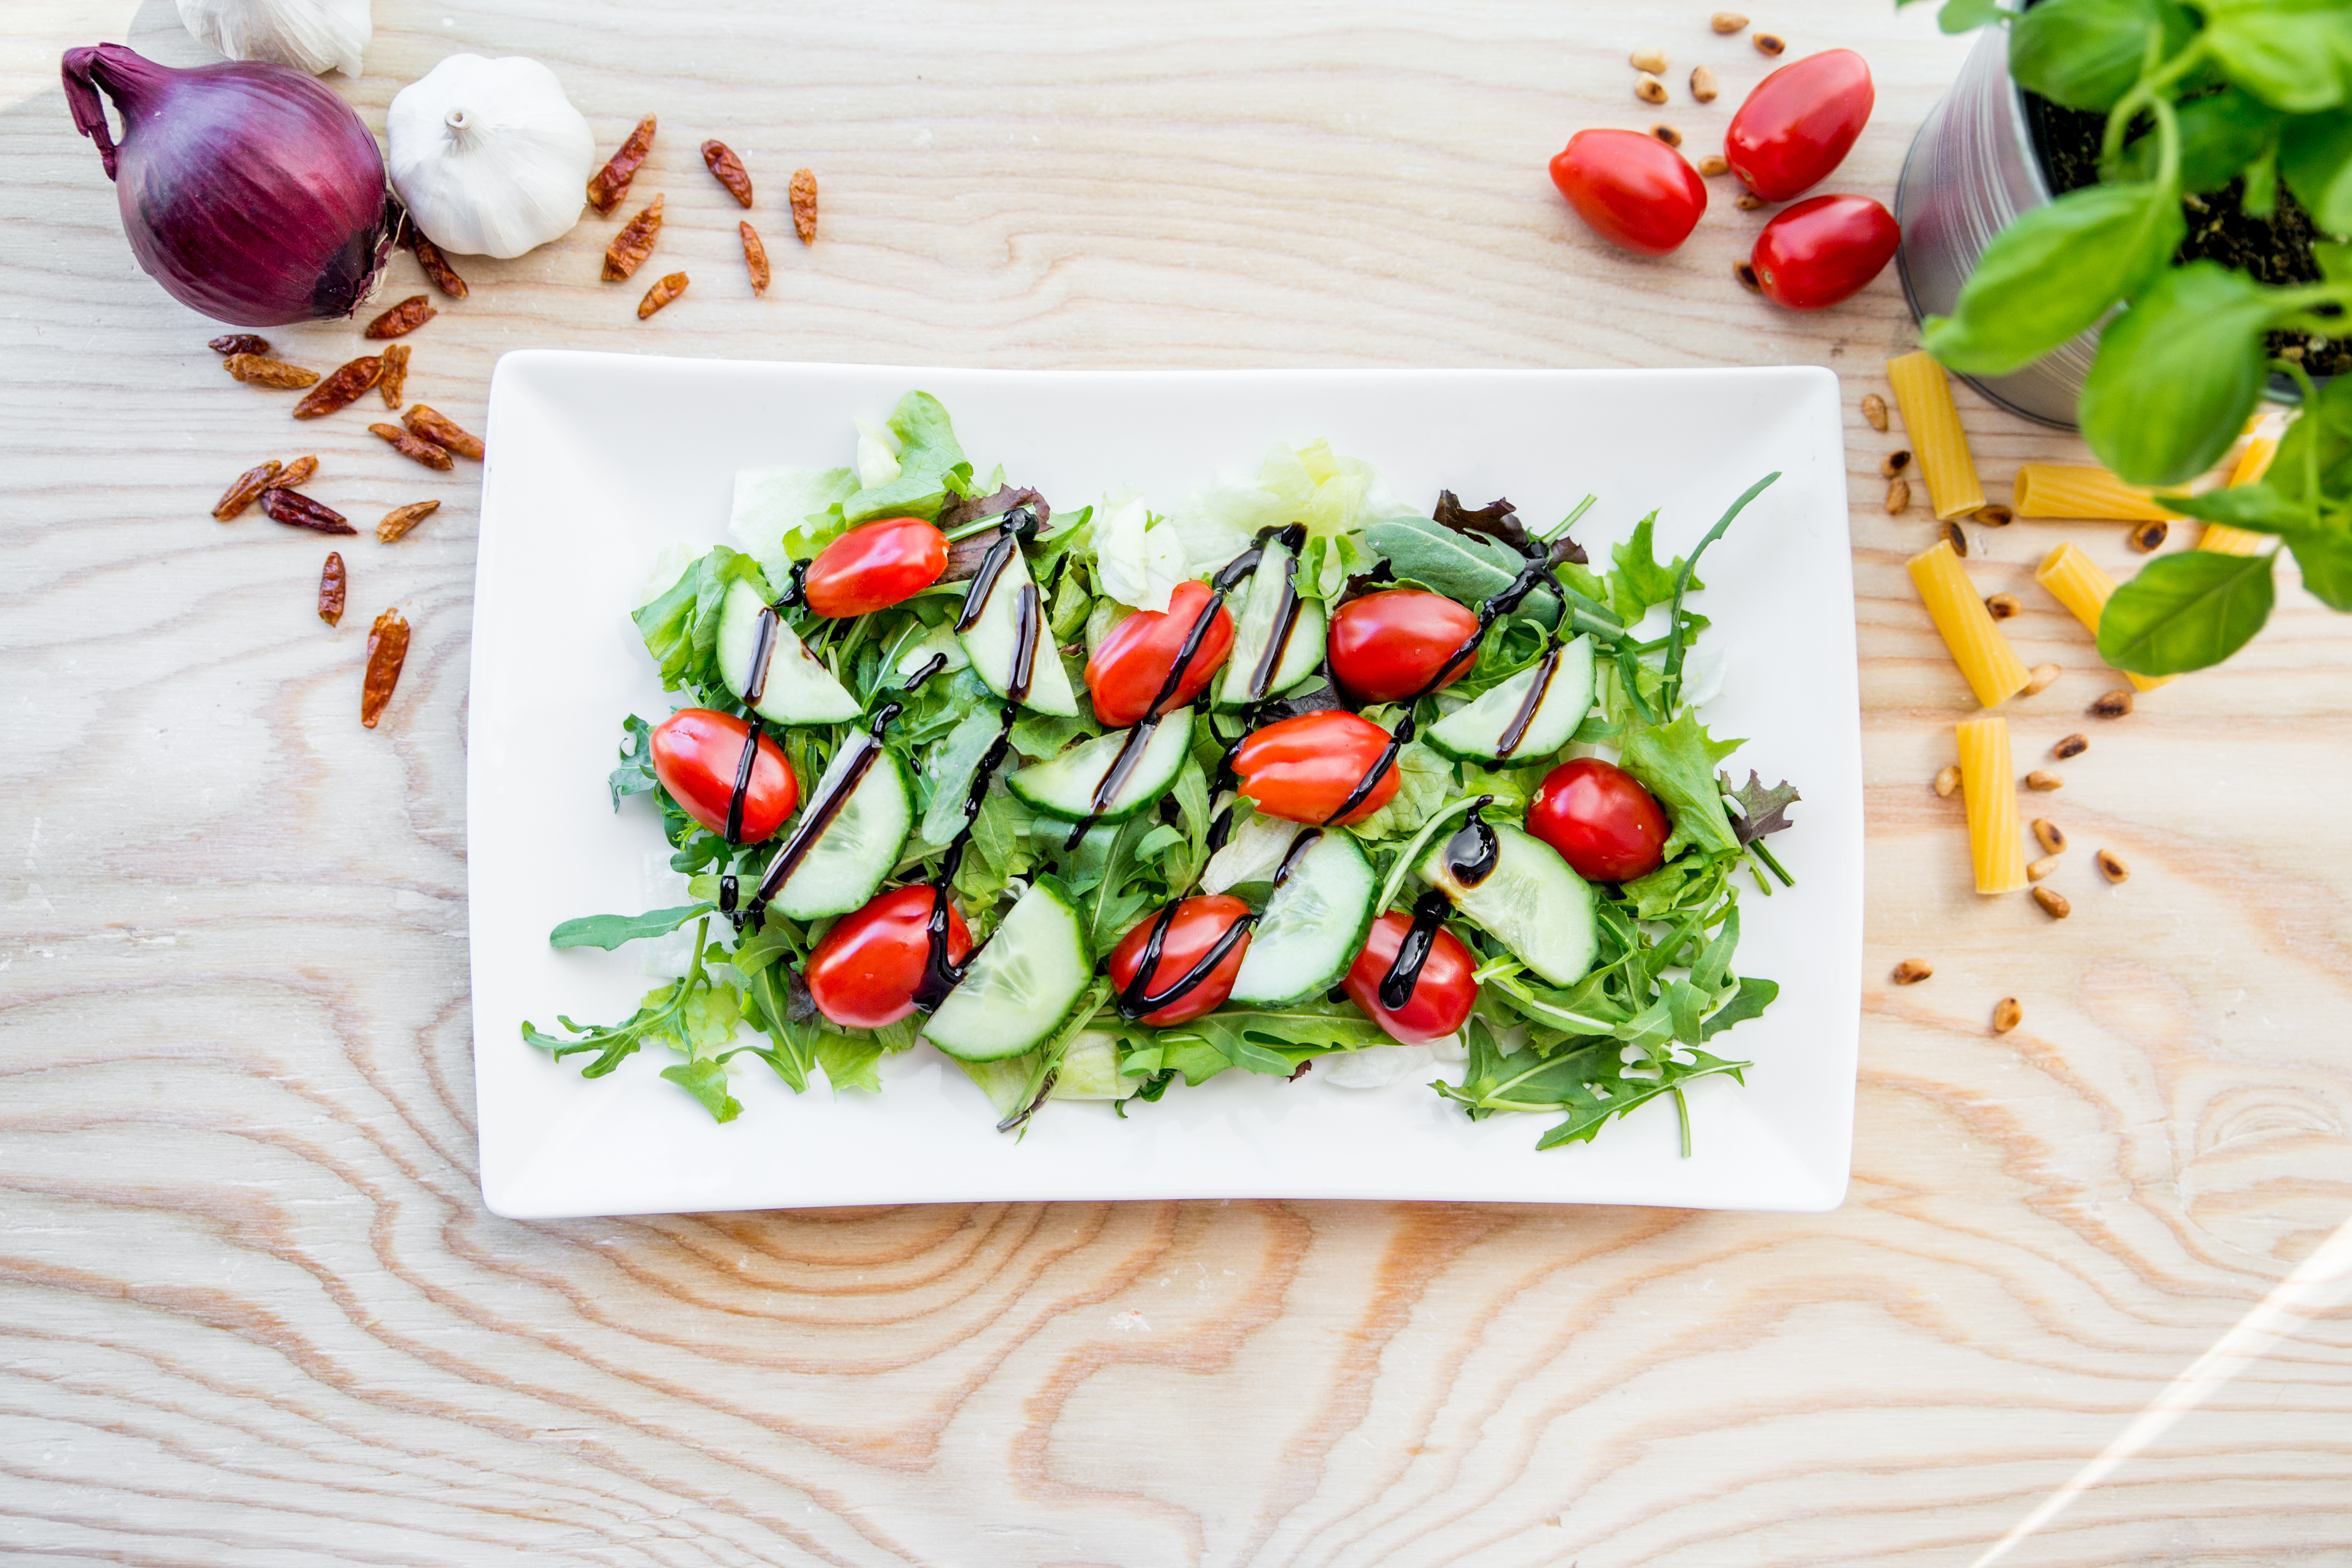 Insalata con verdure e mozzarella